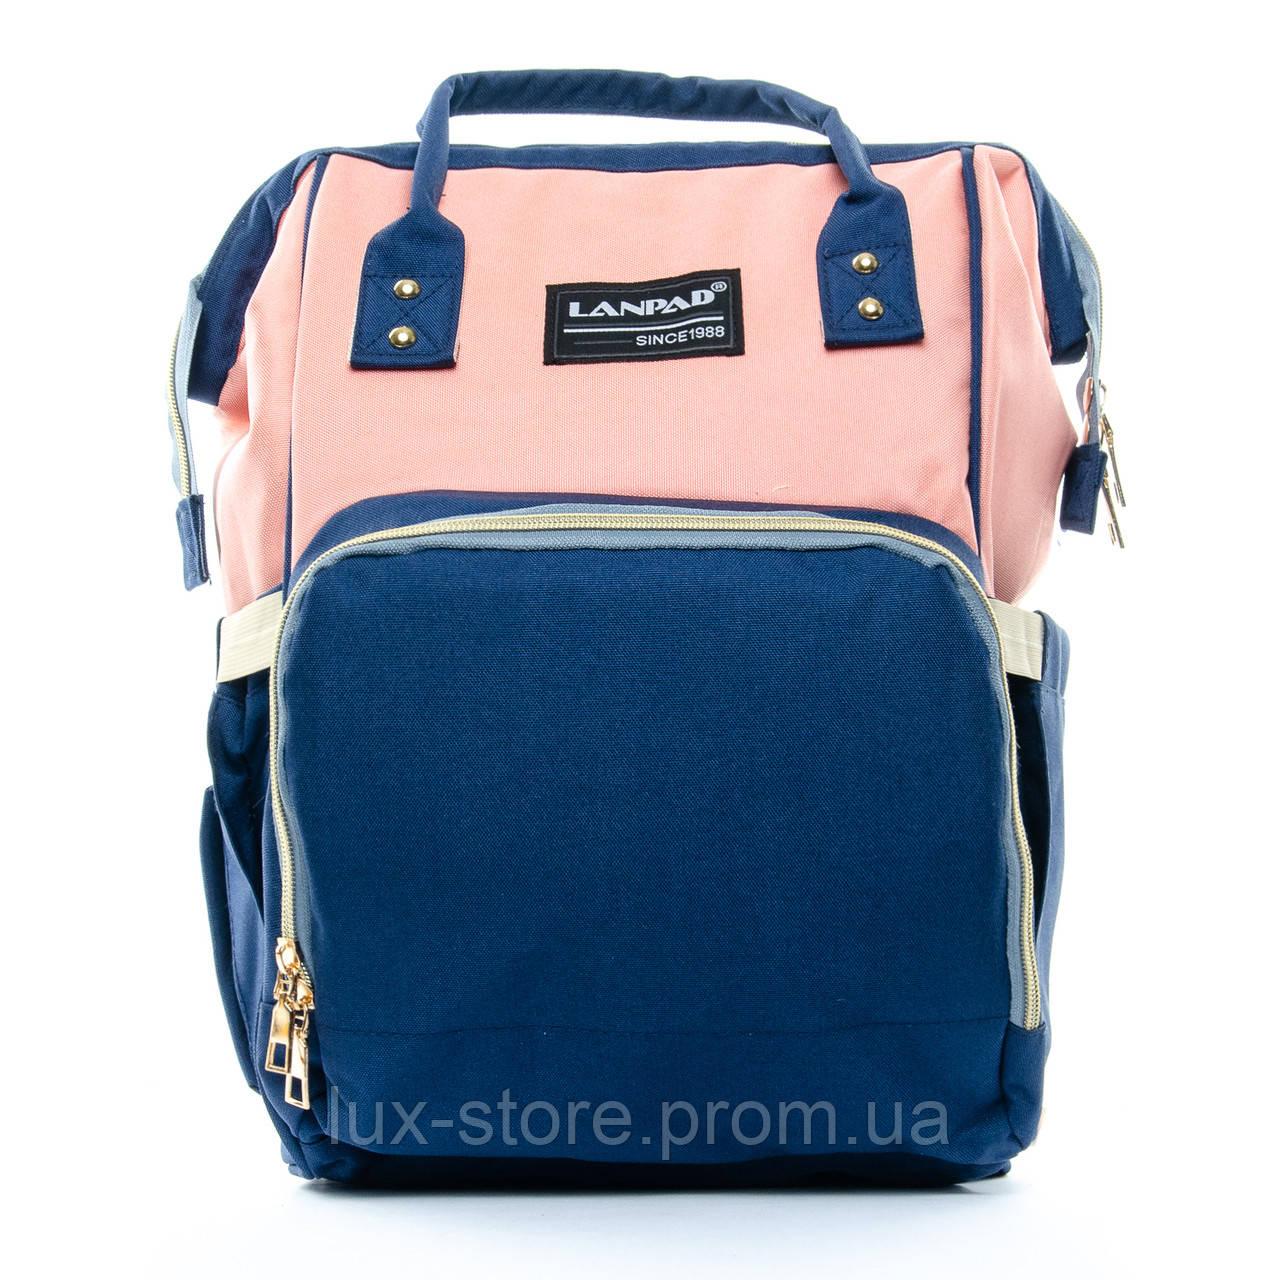 Рюкзак органайзер для мамы Baby Baylor